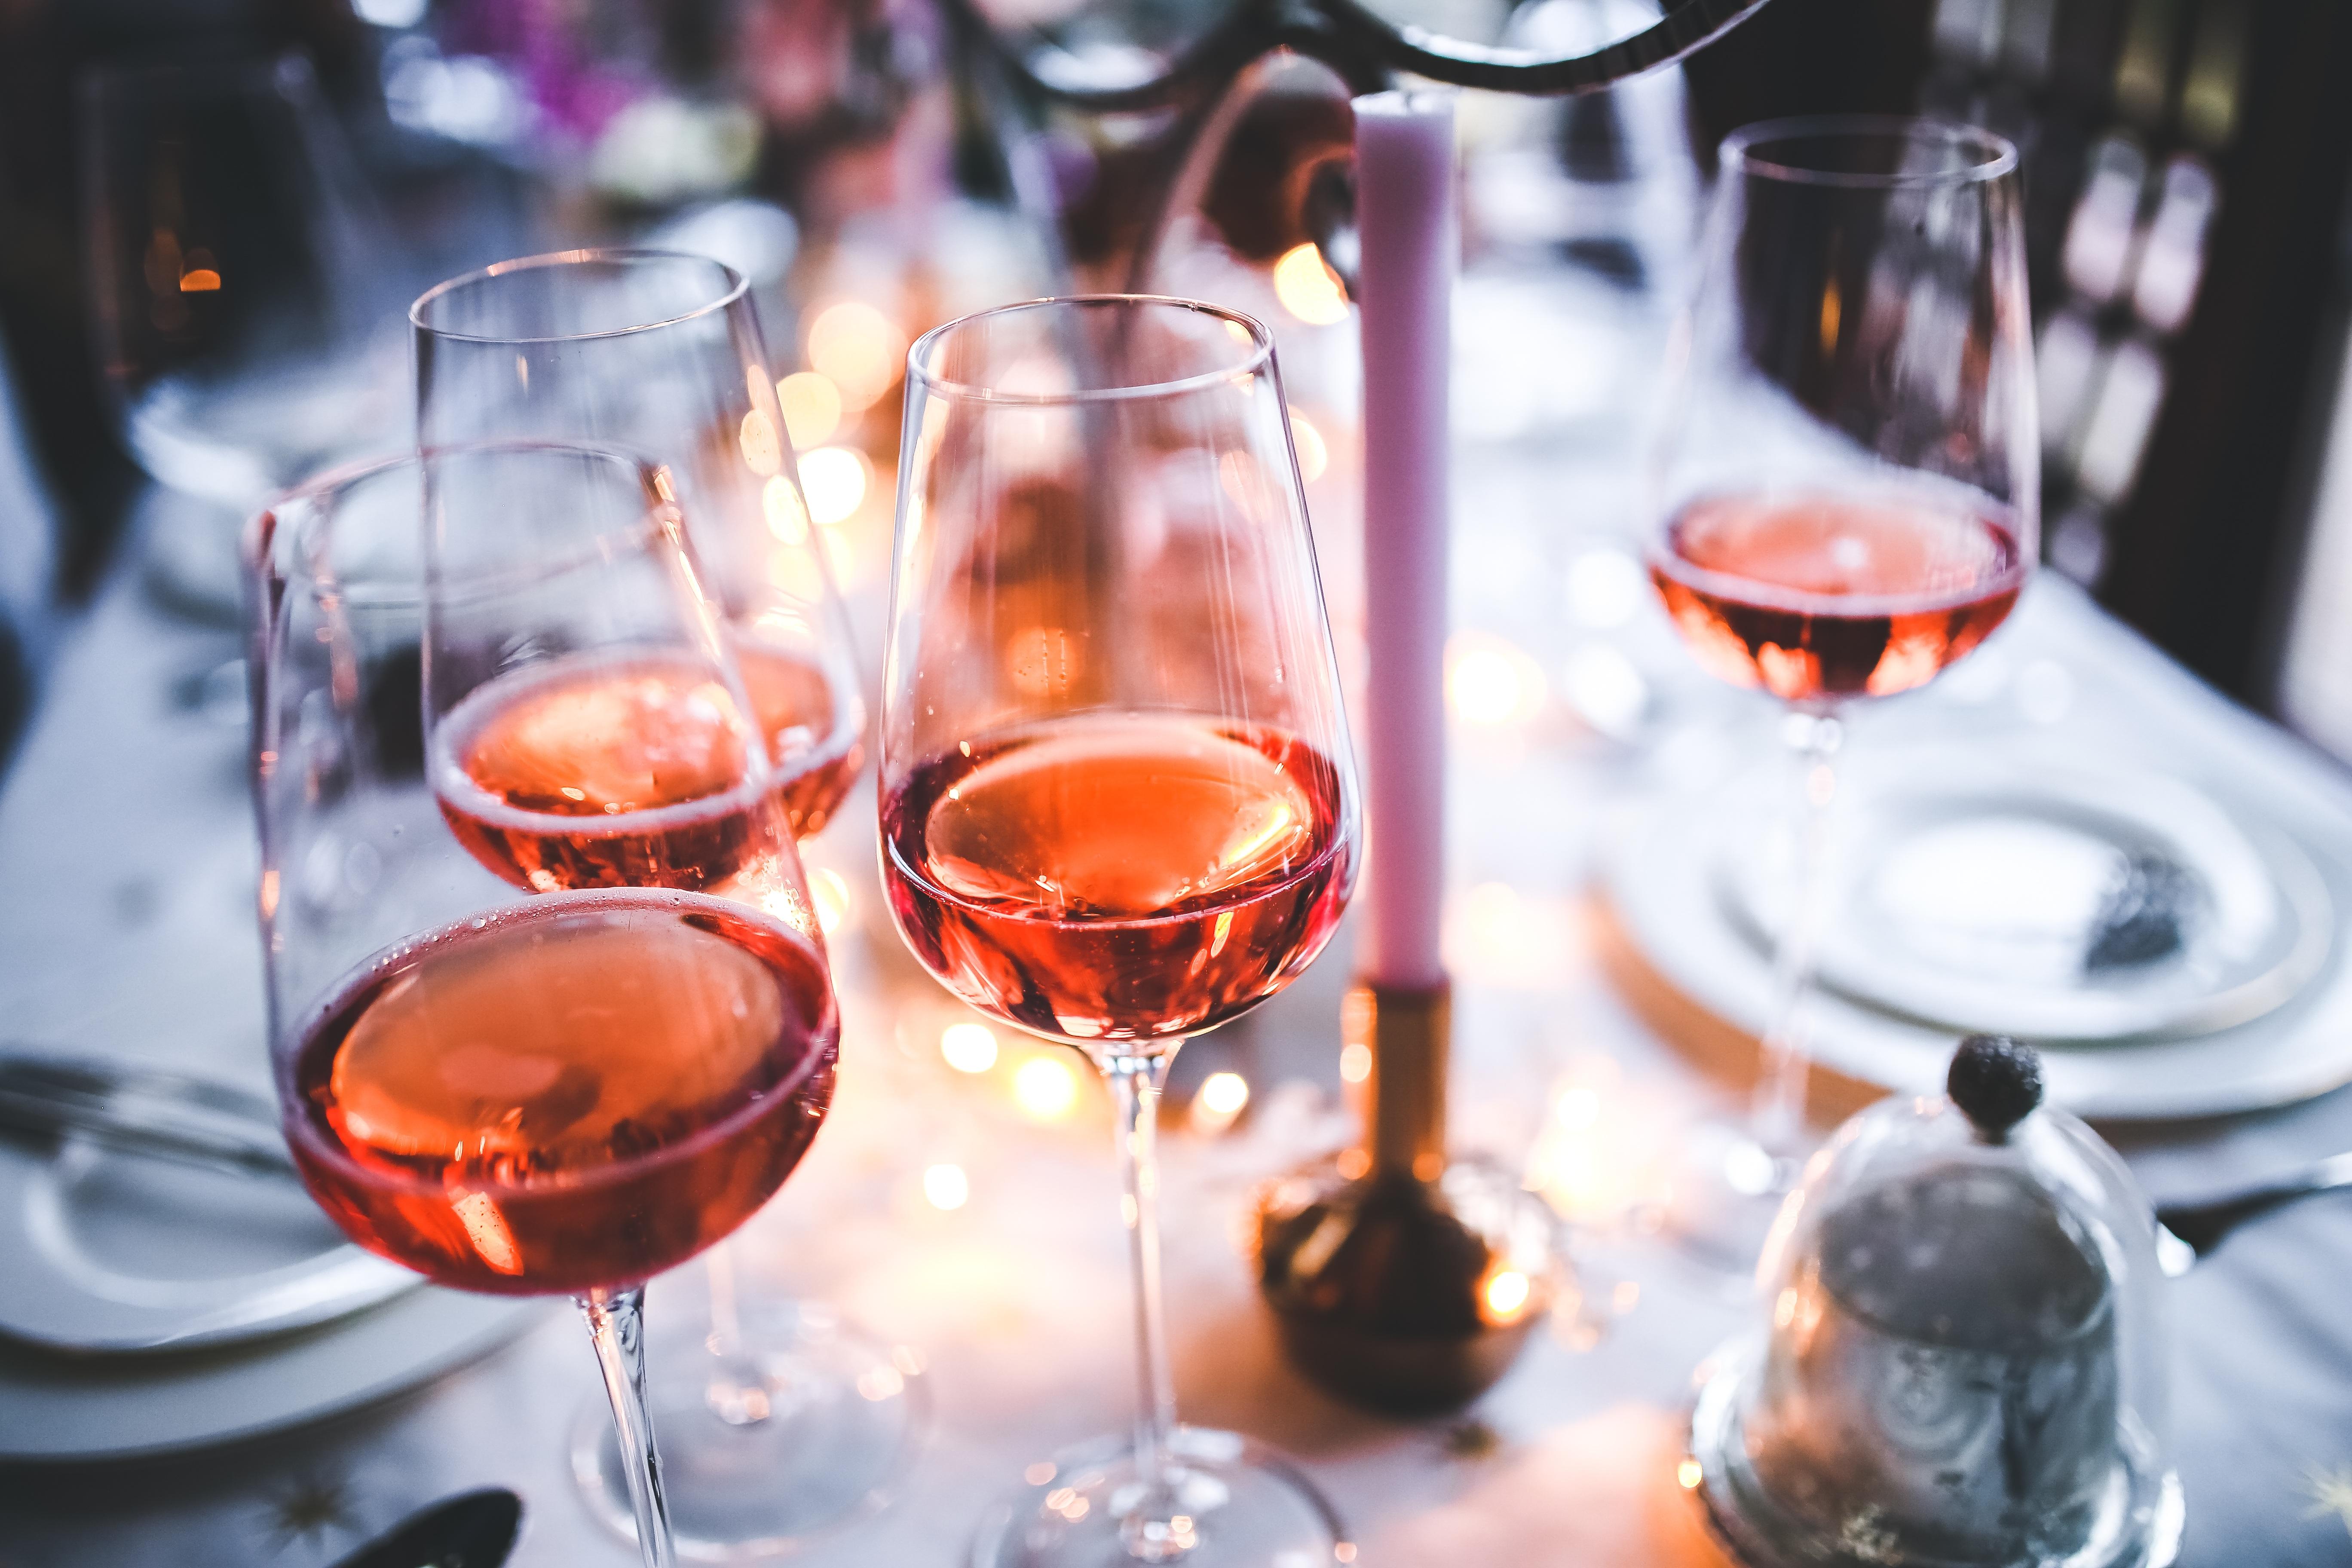 Czy alkohol na pewno jest dla ludzi?